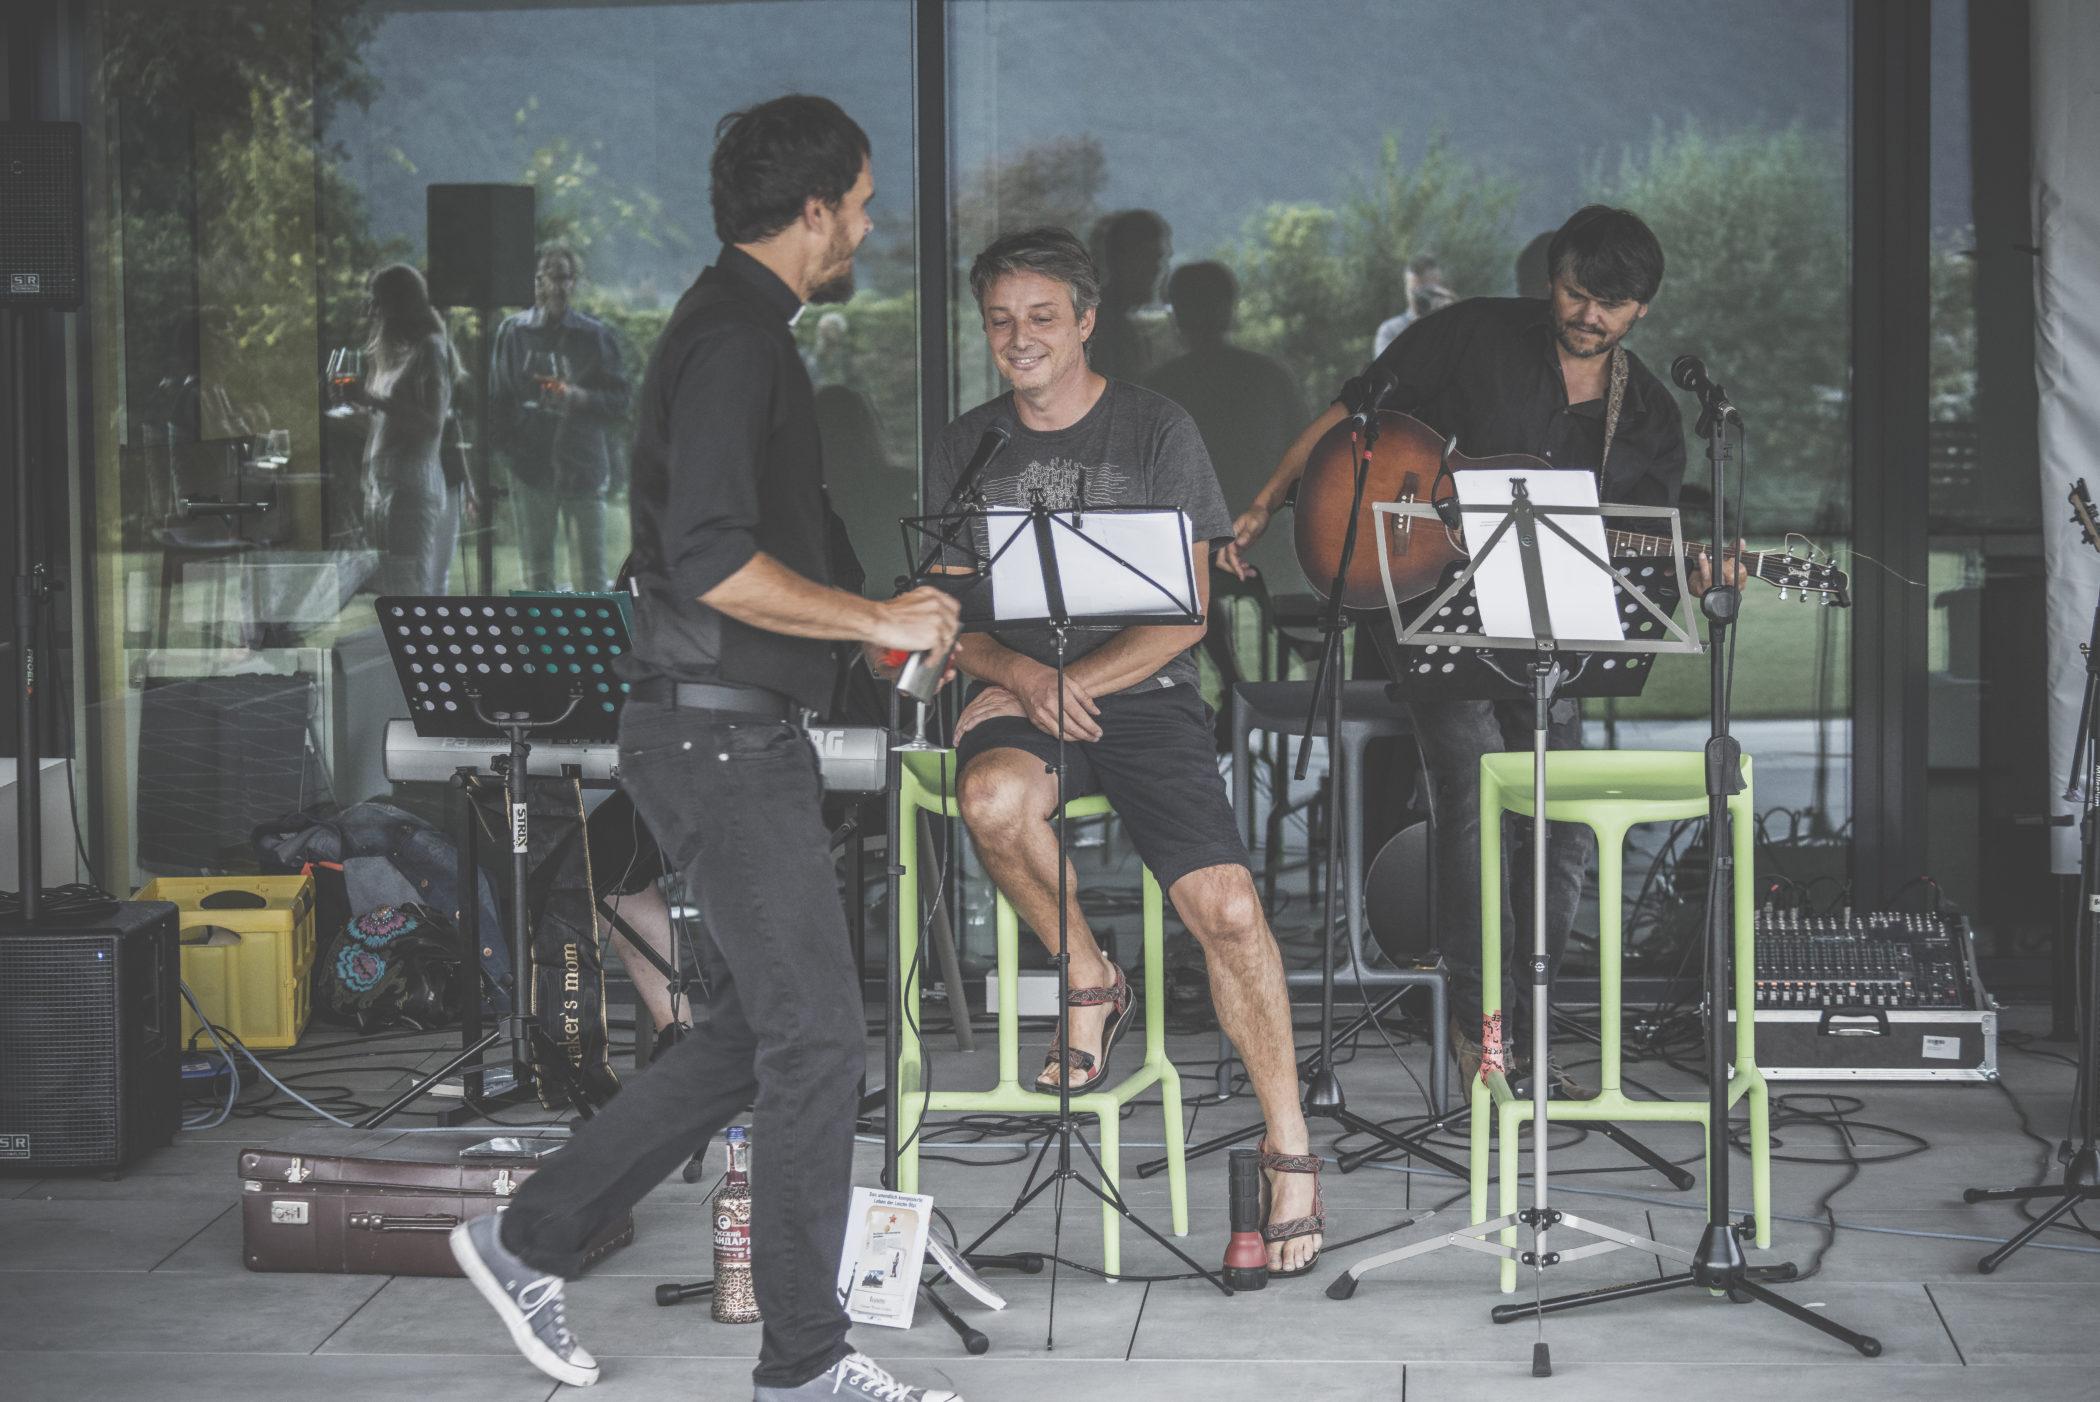 DSC 6656 scaled - Ötzi Live performance